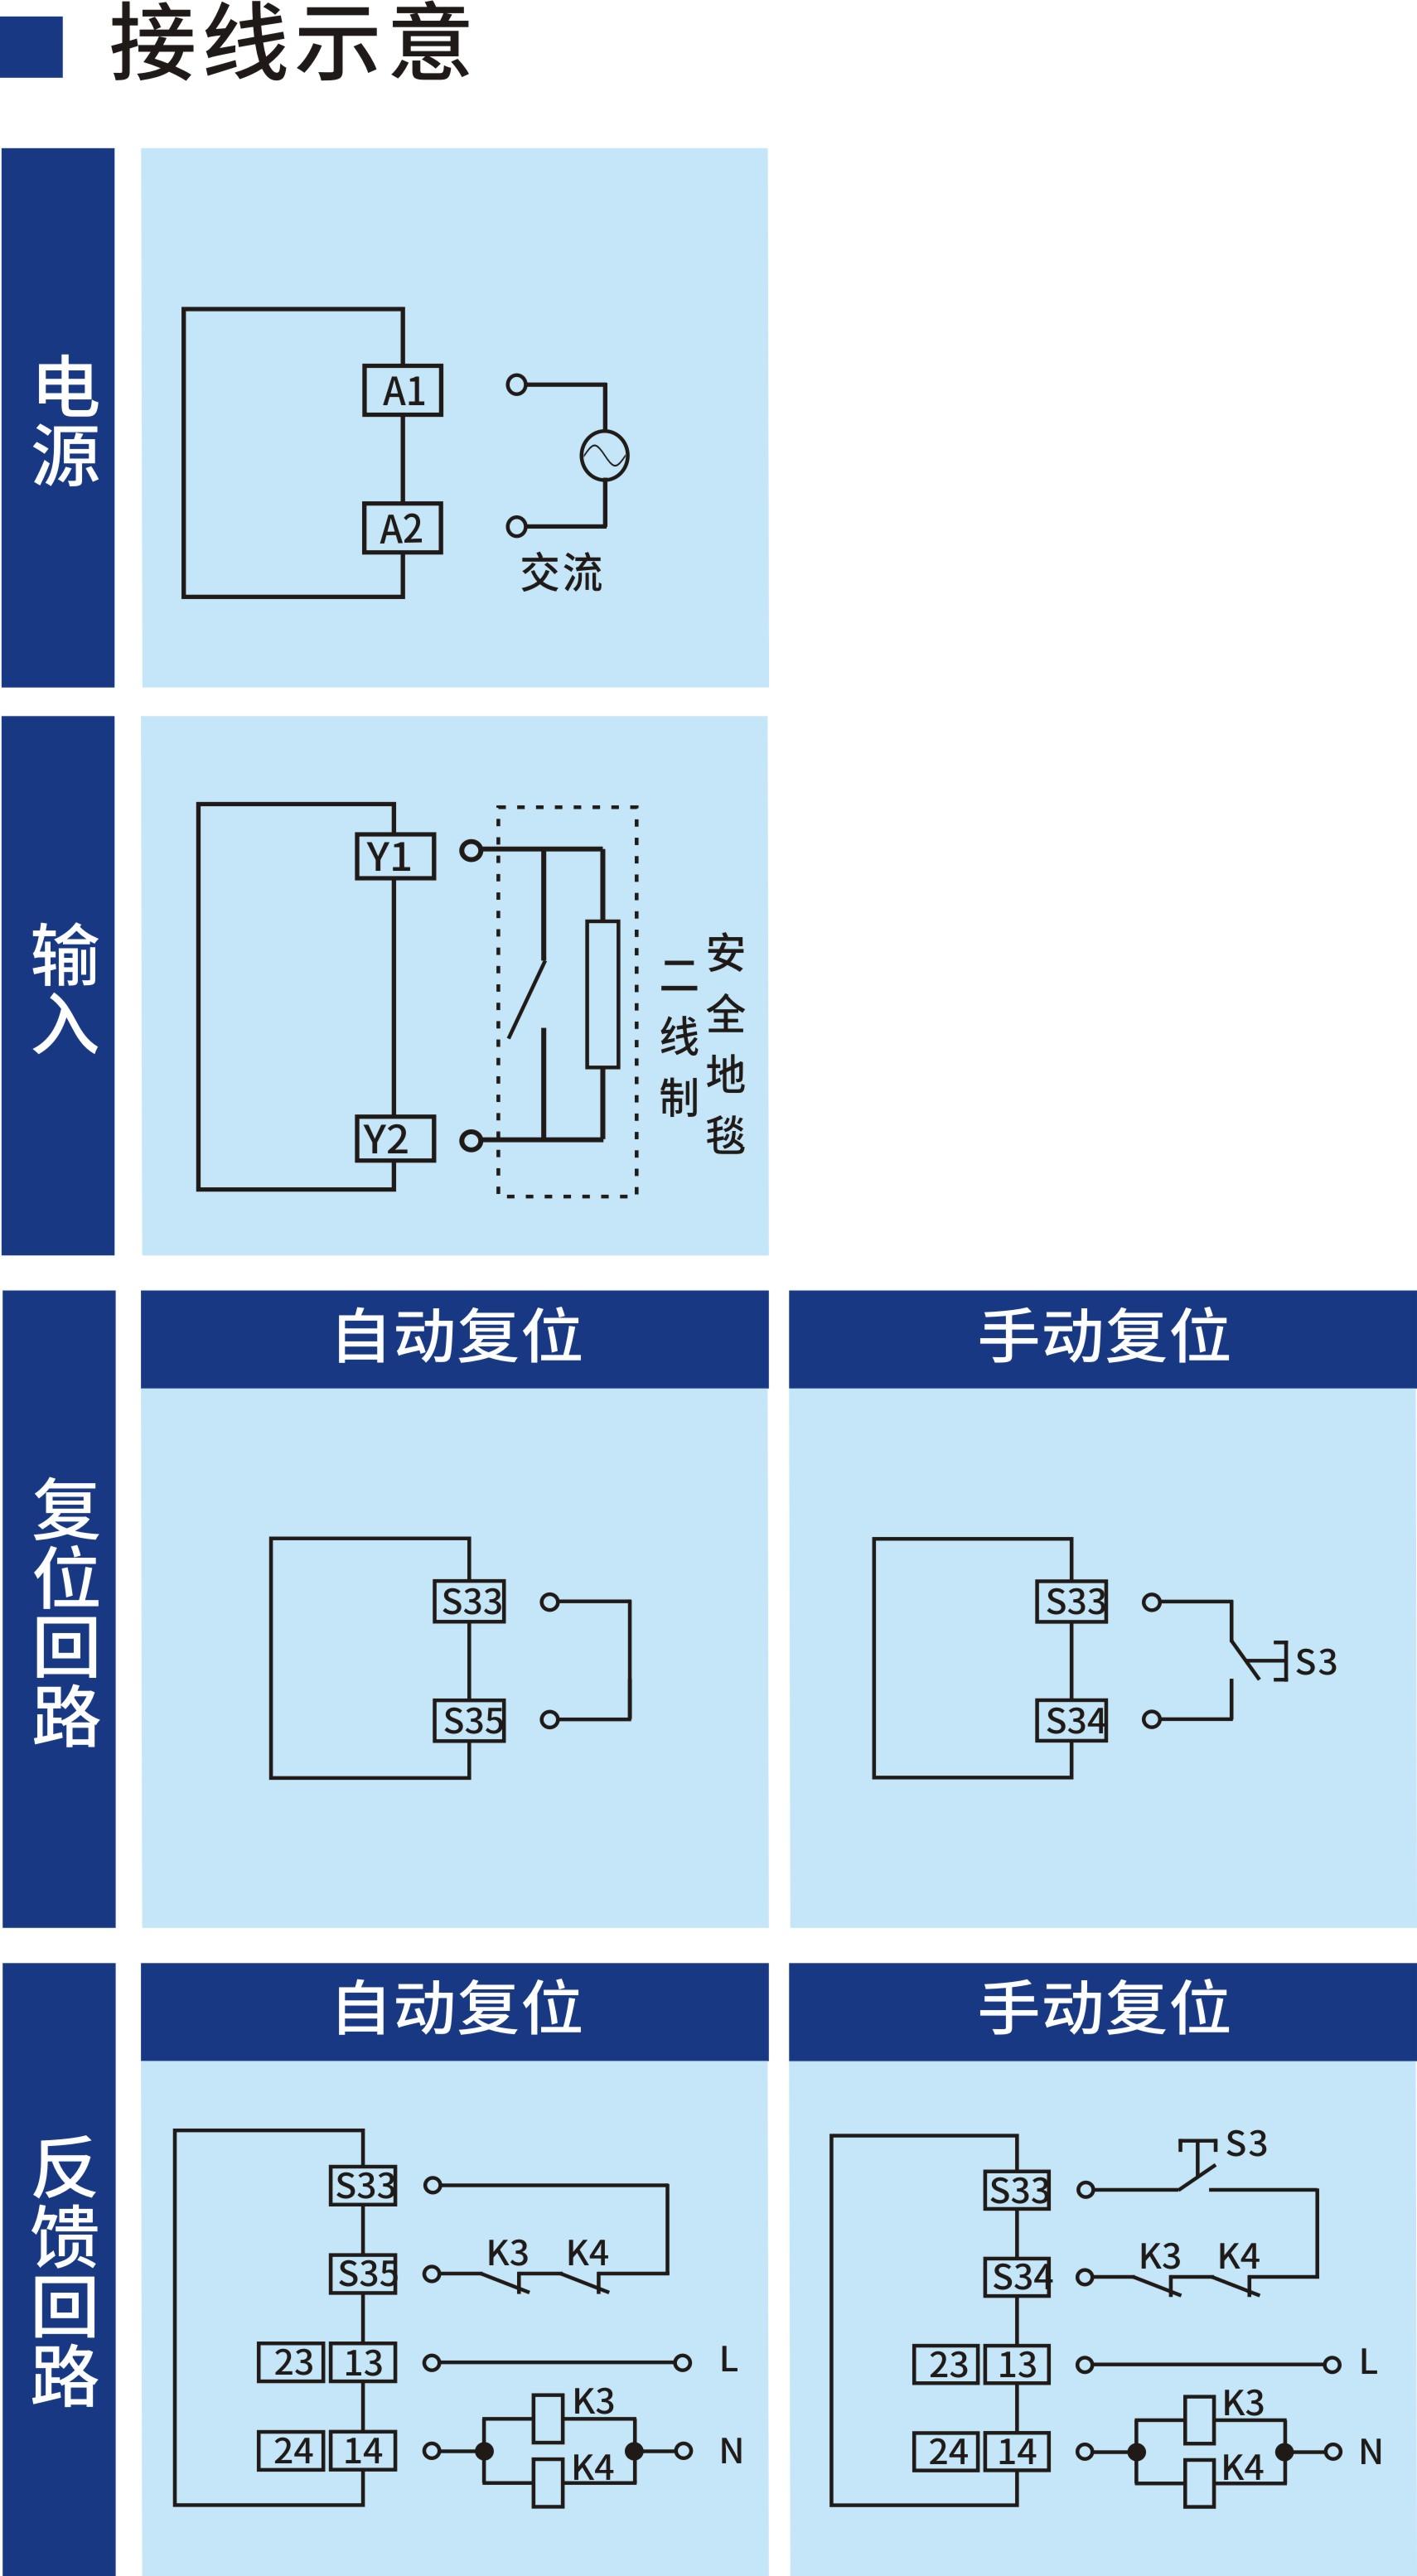 開關型安全設備輸入 (兩線制安全地毯 230V AC 2NO+2NC 通用復位)